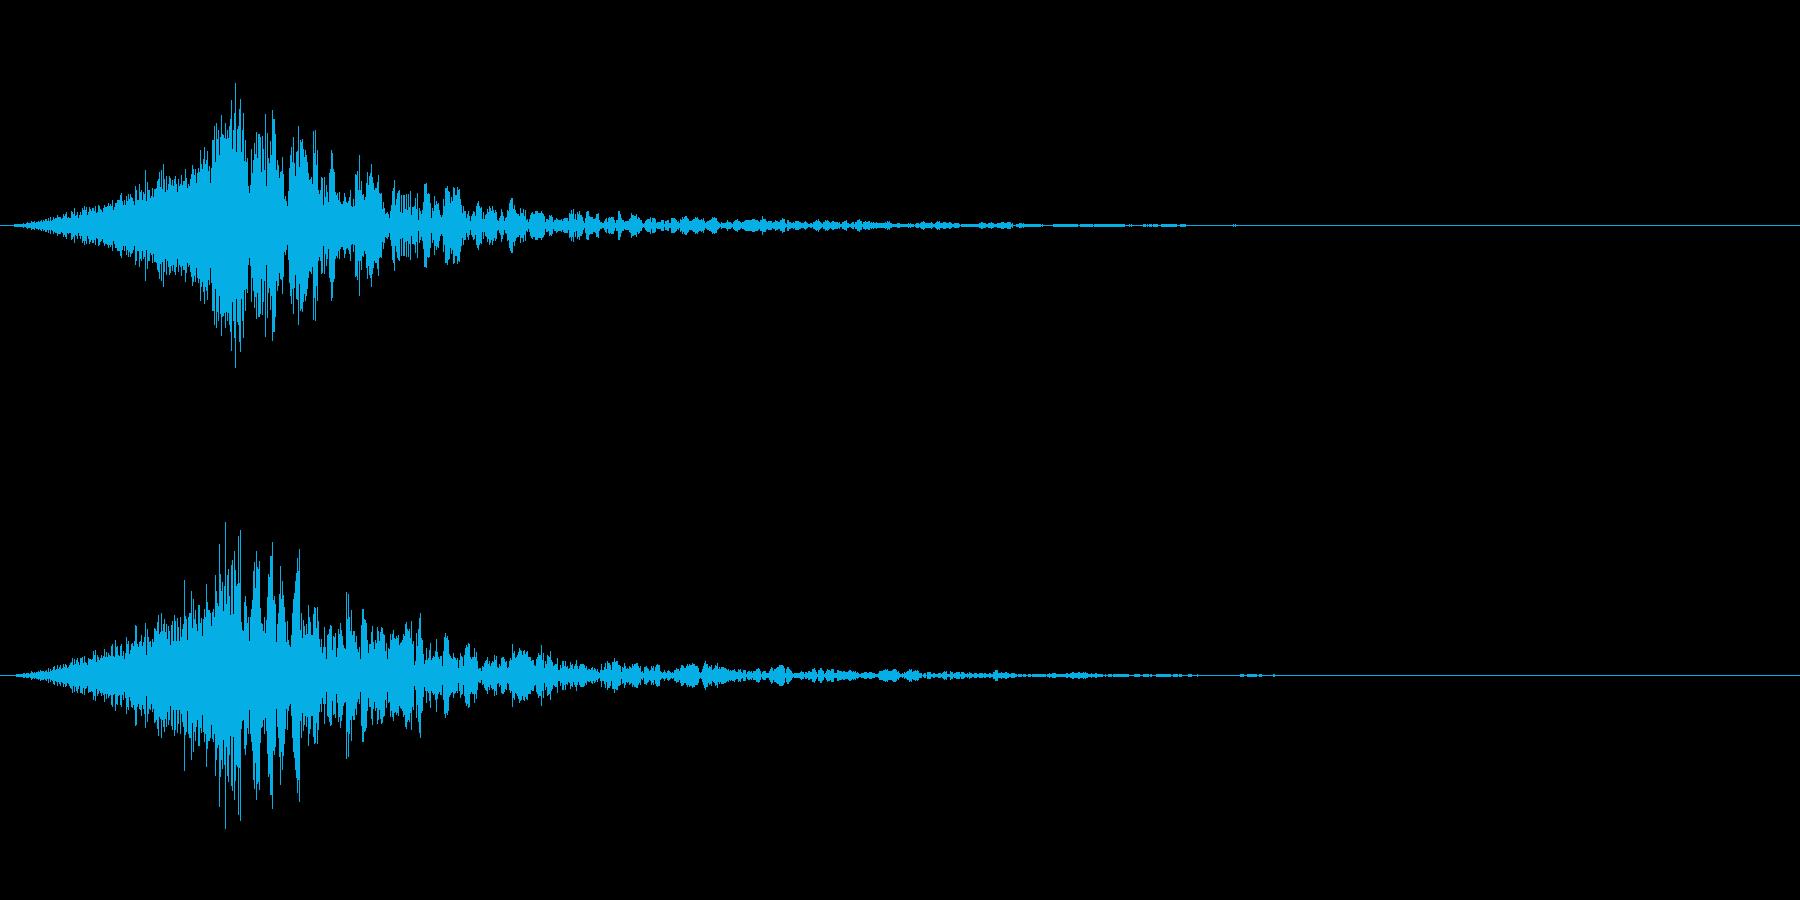 シュードーン-39-4(インパクト音)の再生済みの波形